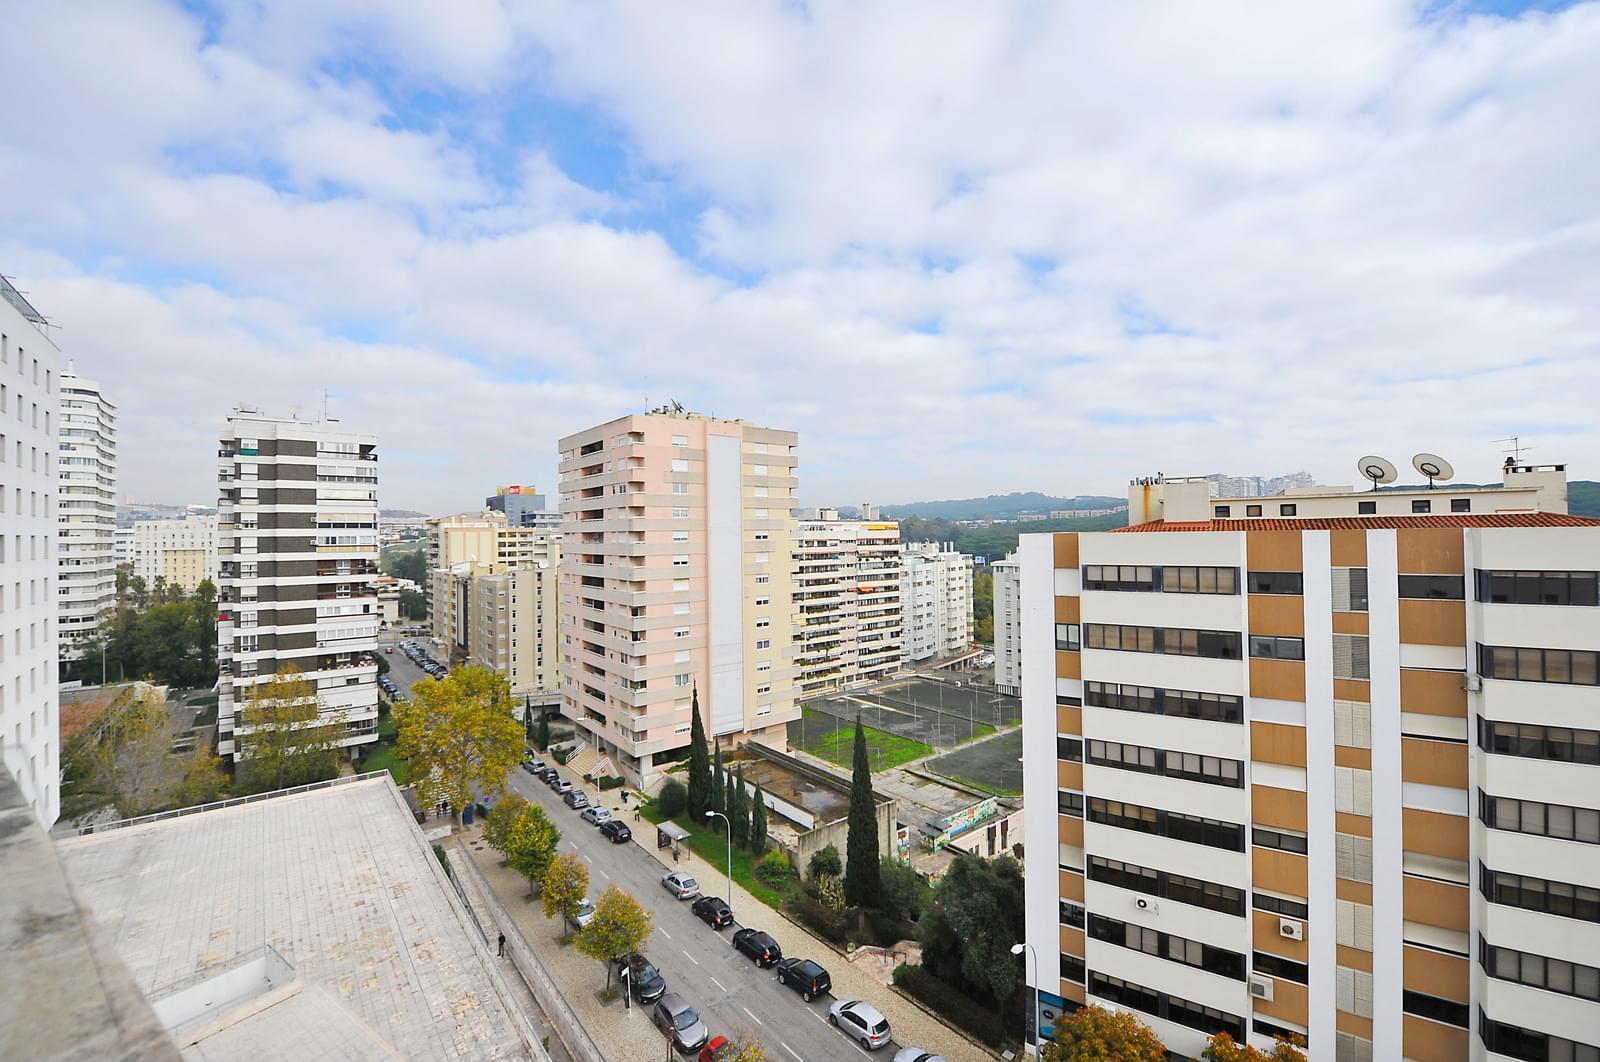 pf18728-apartamento-t5-oeiras-0c8fb96f-4deb-4e16-90b8-7e5306af5623